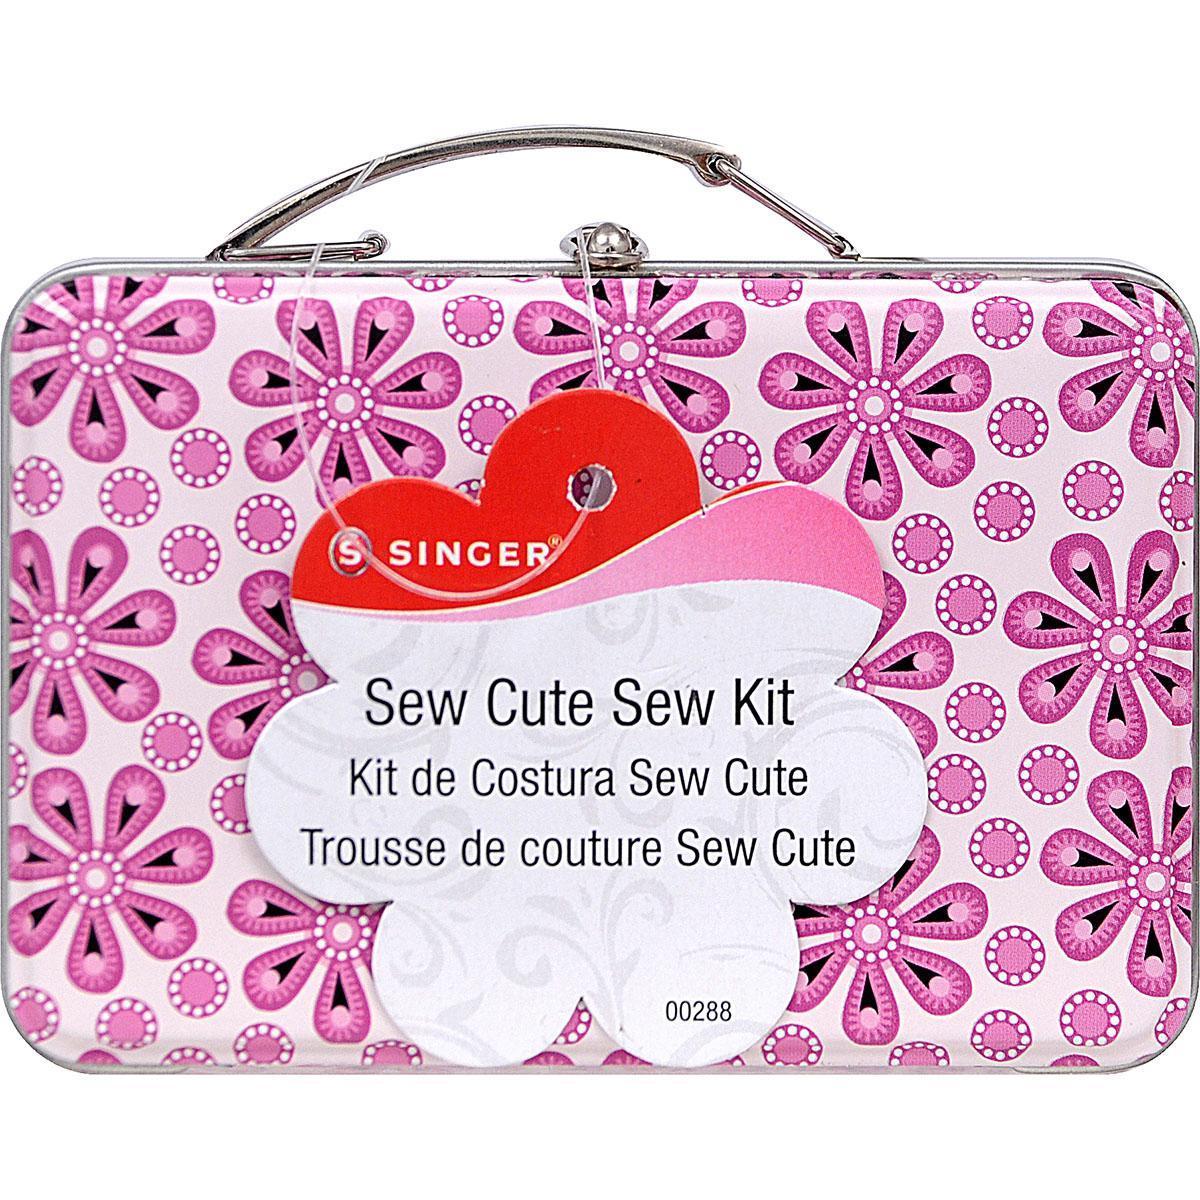 Sew Cute Sew Kit -